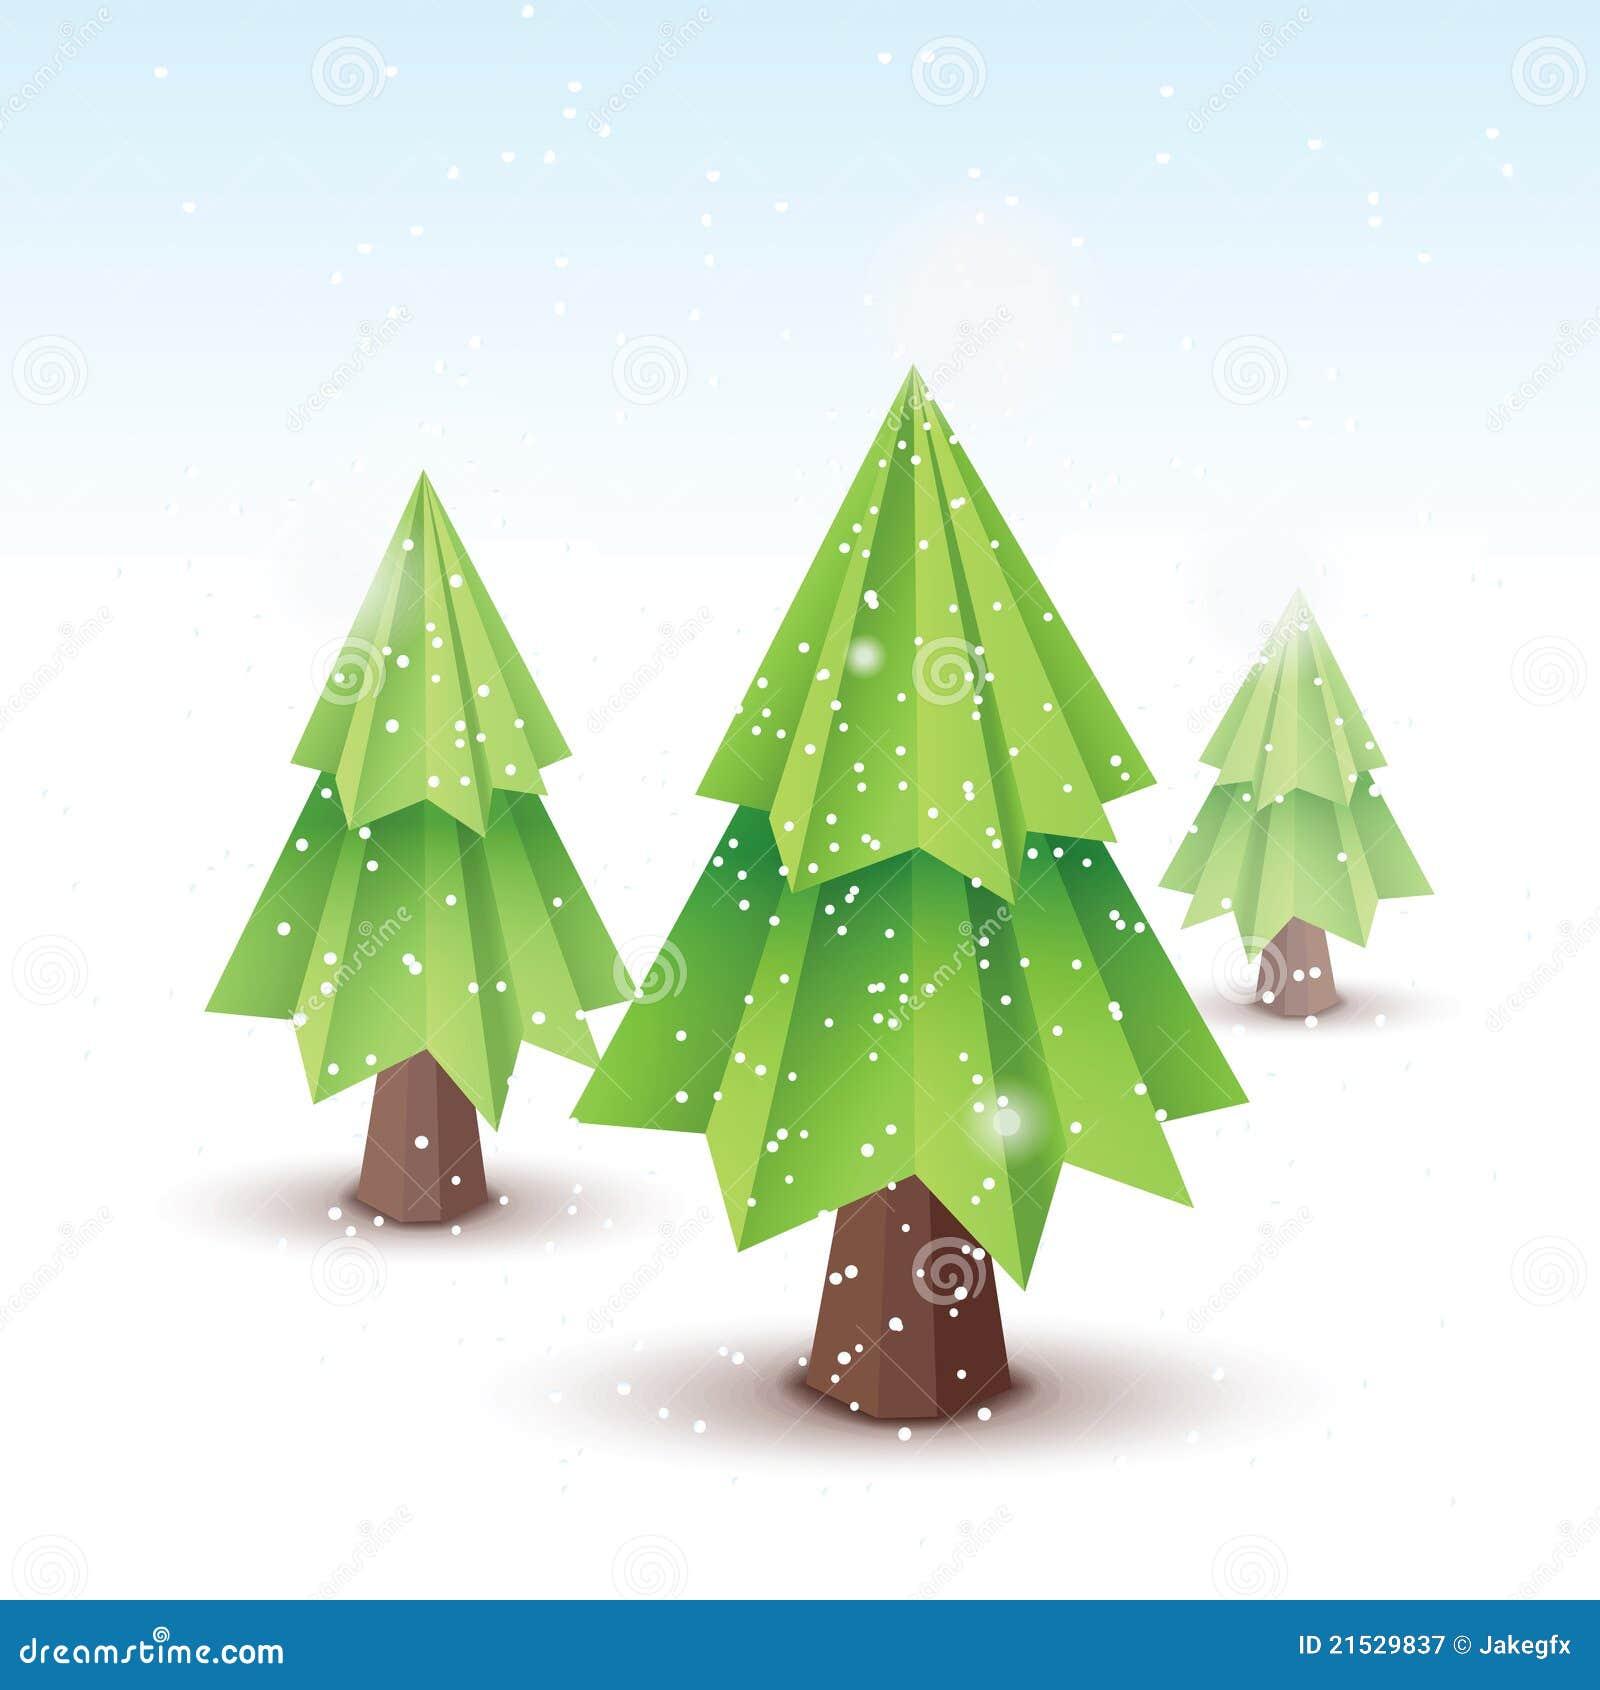 Arbre de no l de vecteur d 39 origami photographie stock libre de droits image 21529837 - Arbre de noel origami ...